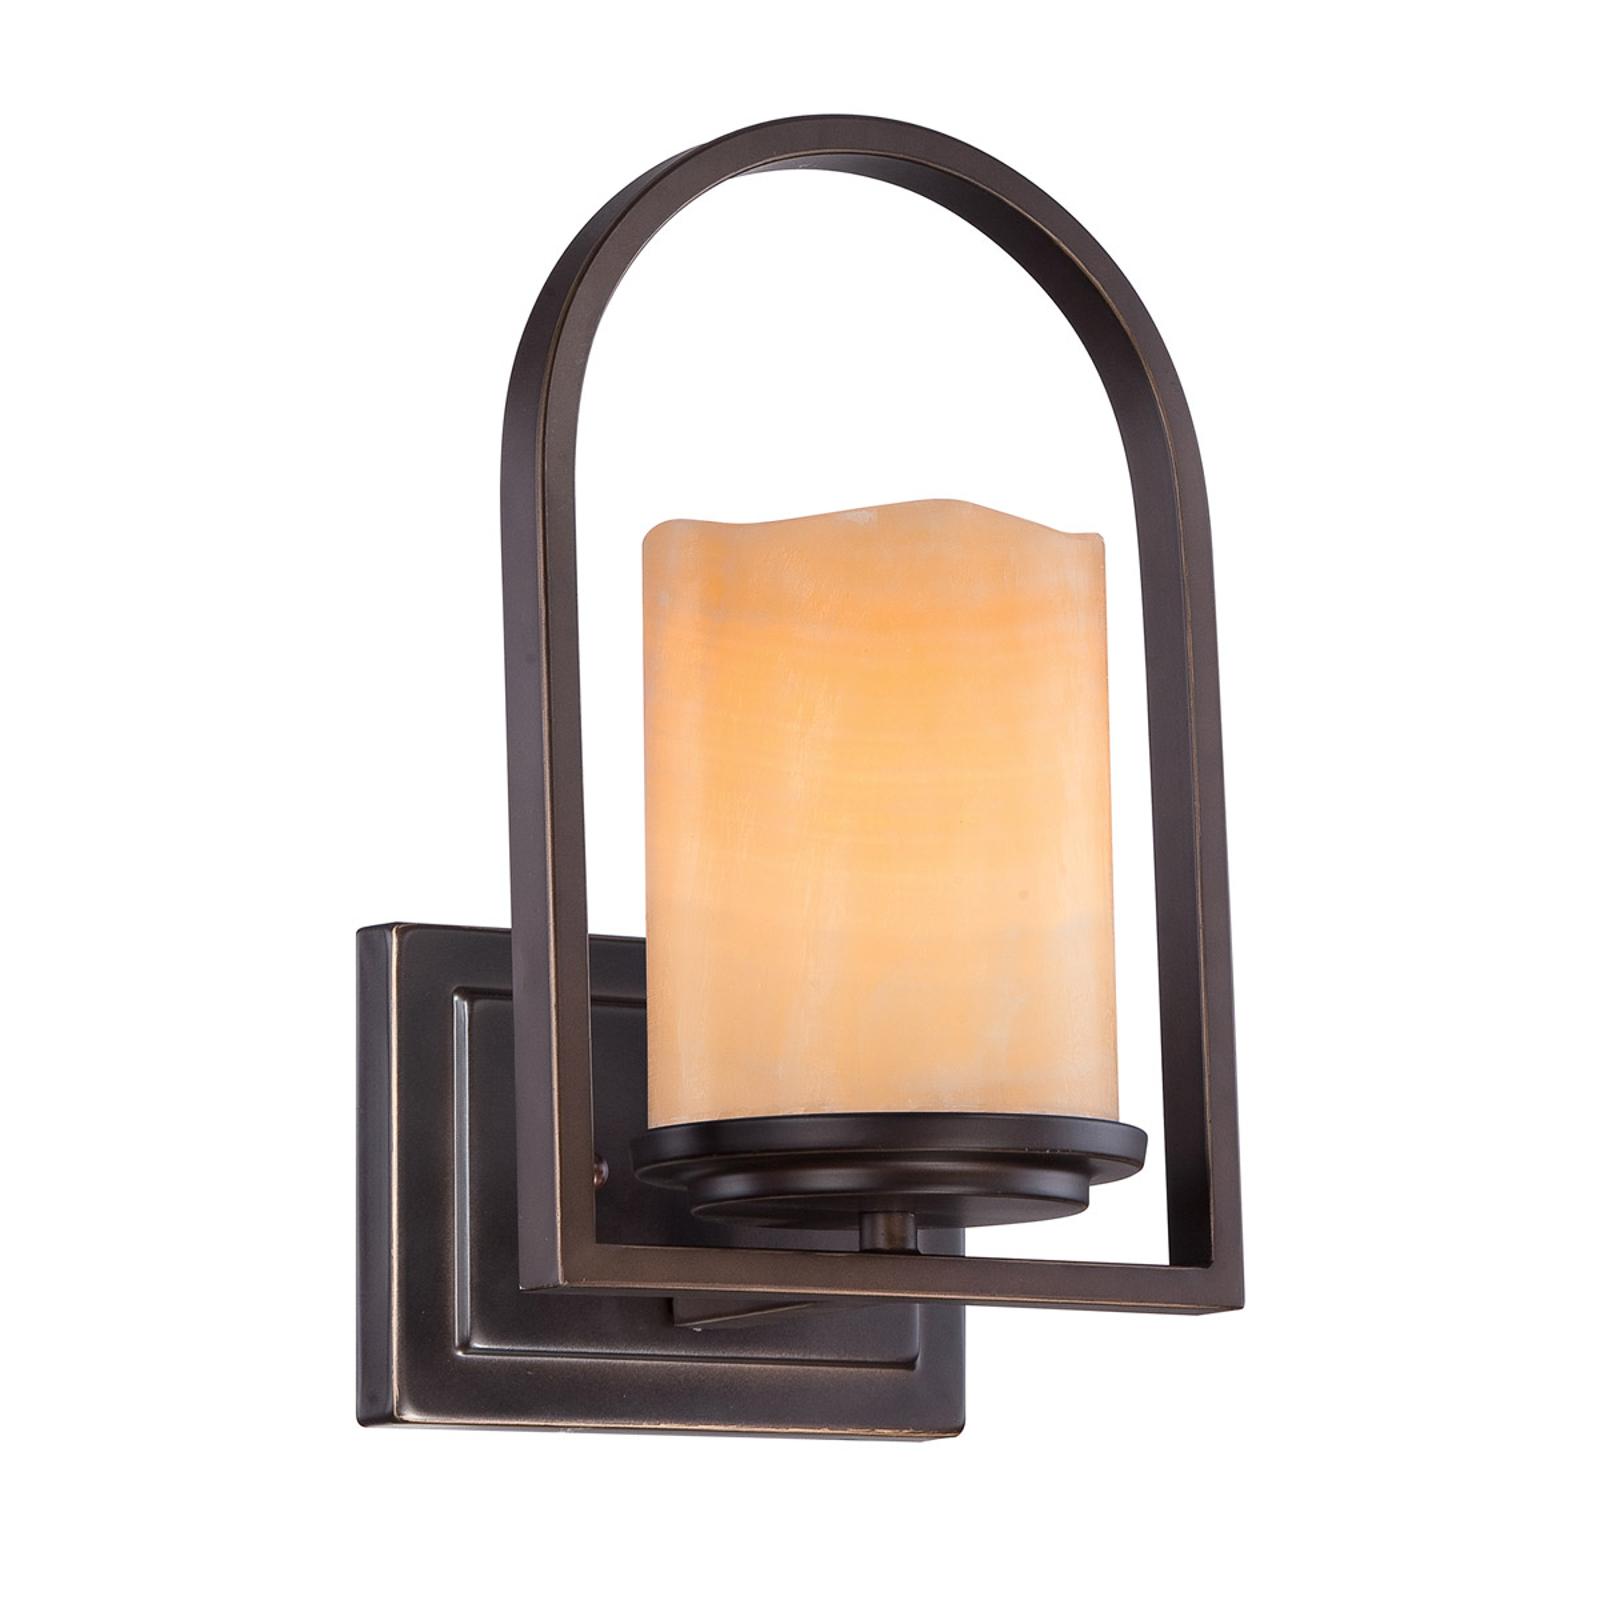 Nástenné svietidlo Aldora s onyxovým tienidlom_3048338_1